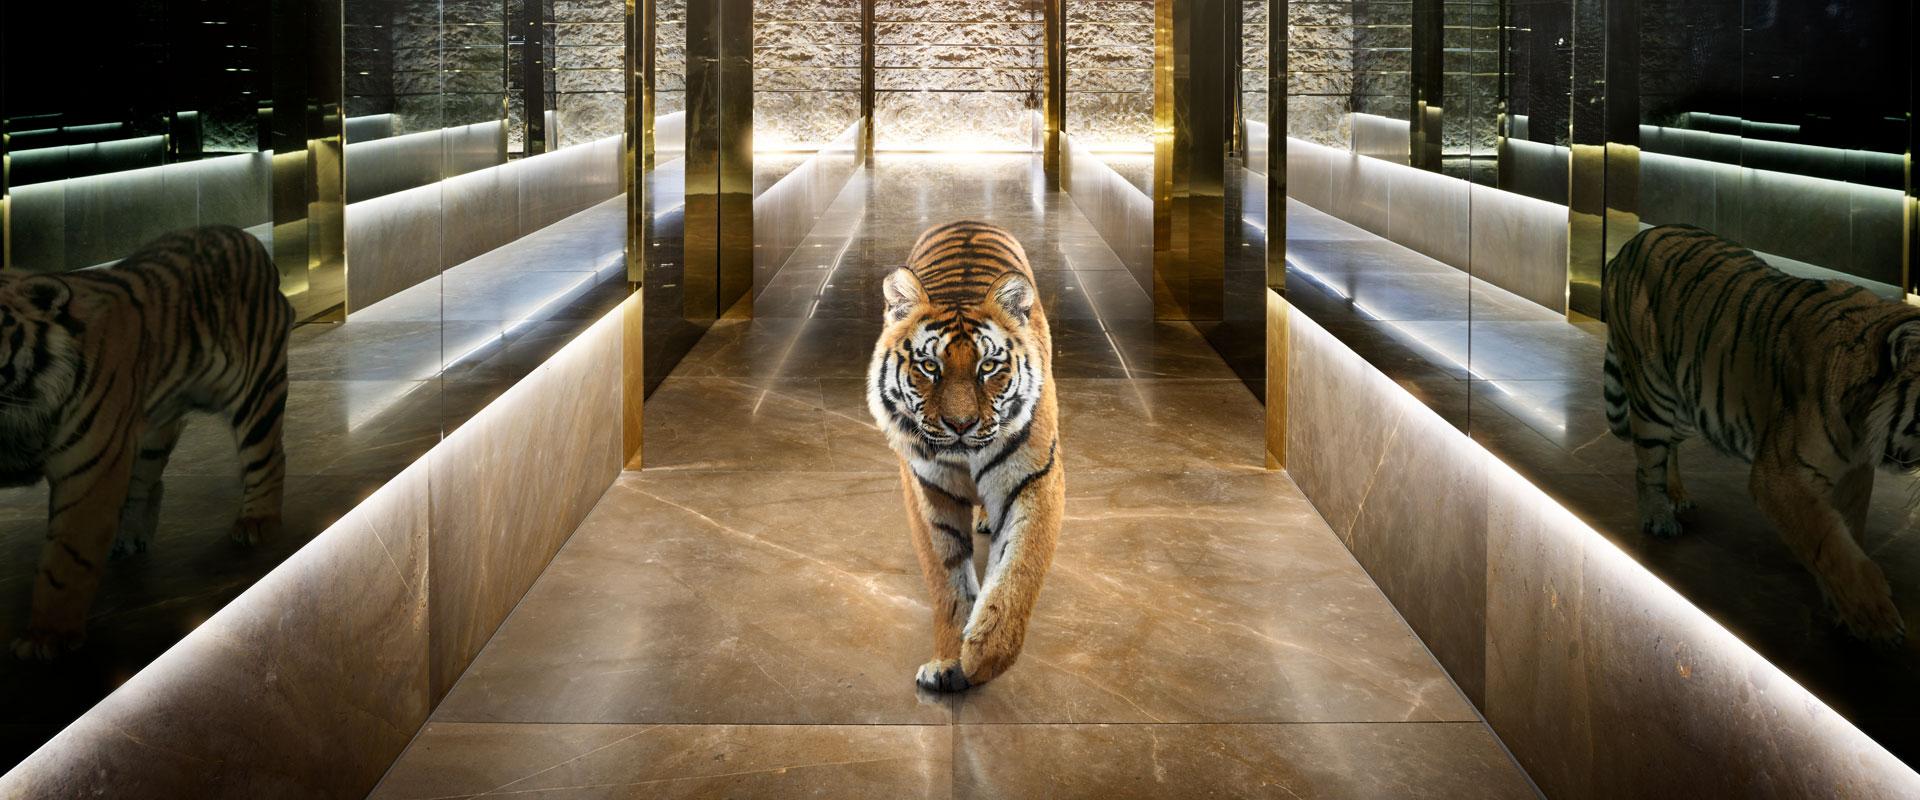 t_11_19543_tiger